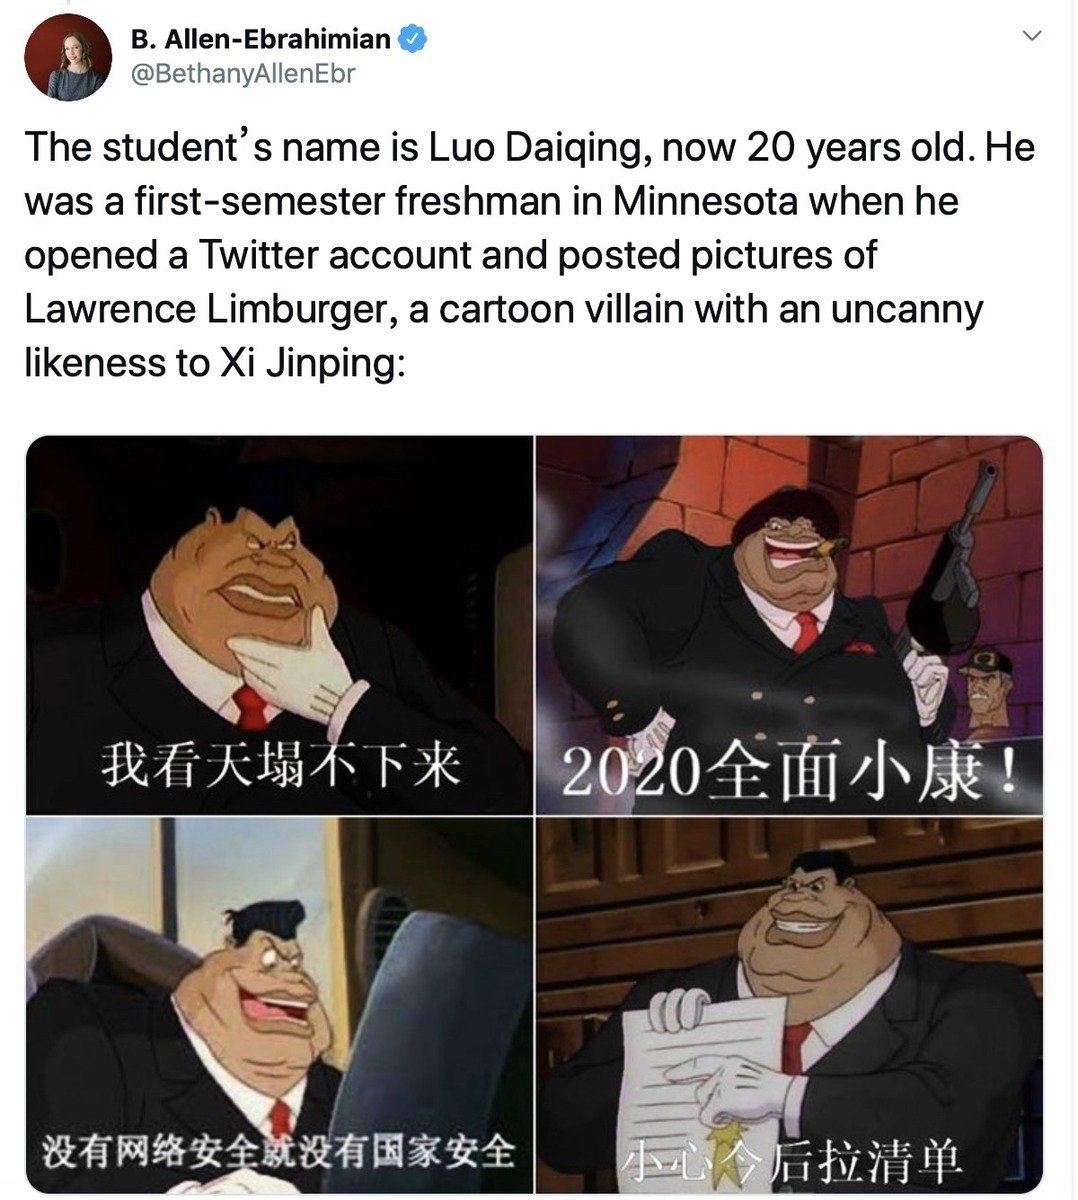 網友於推特上講述該武漢大學生開推特帳號發諷習漫畫。(推特截圖)